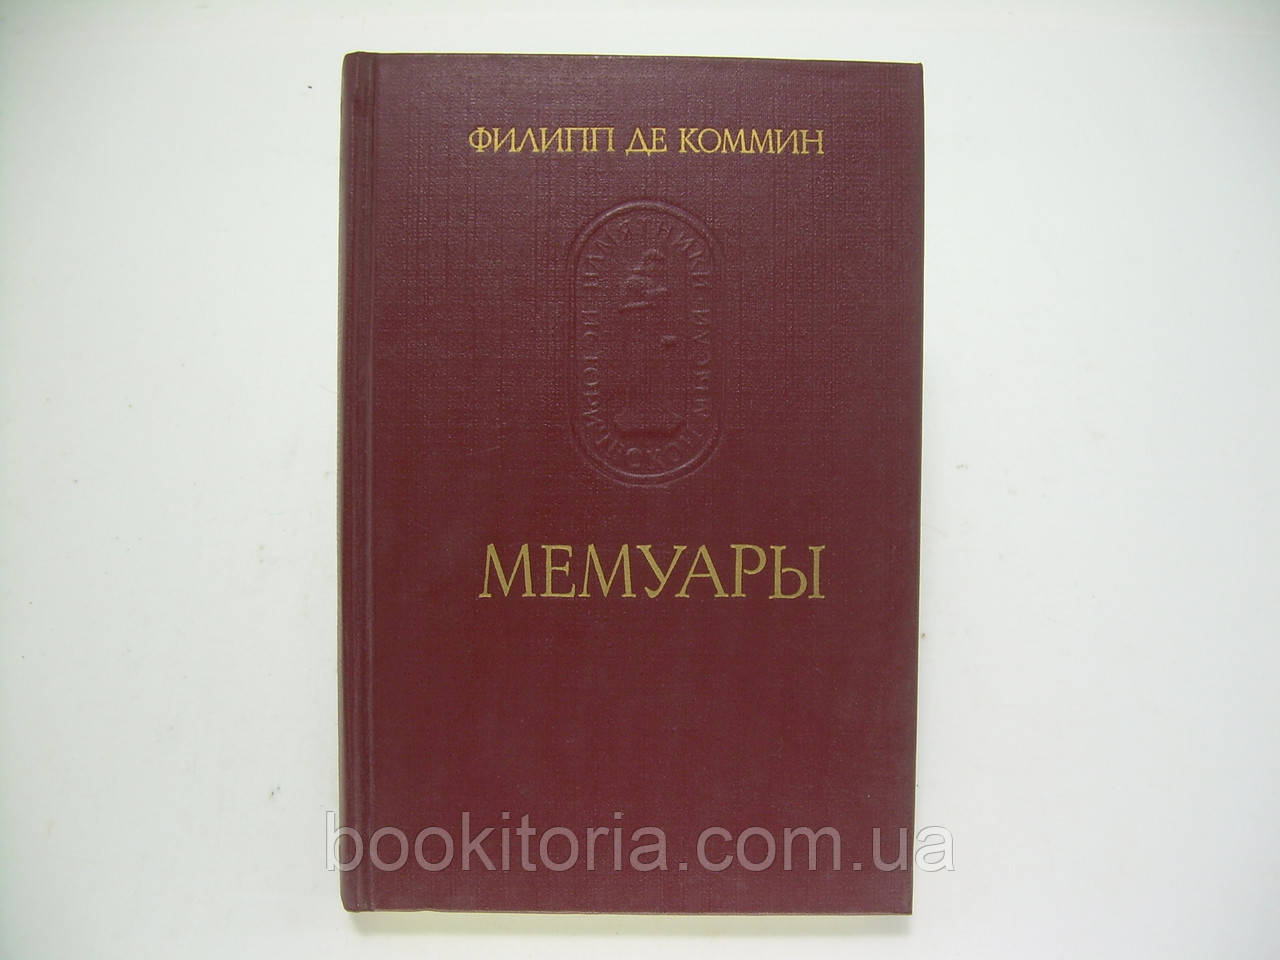 Коммин Ф. де. Мемуары (б/у).